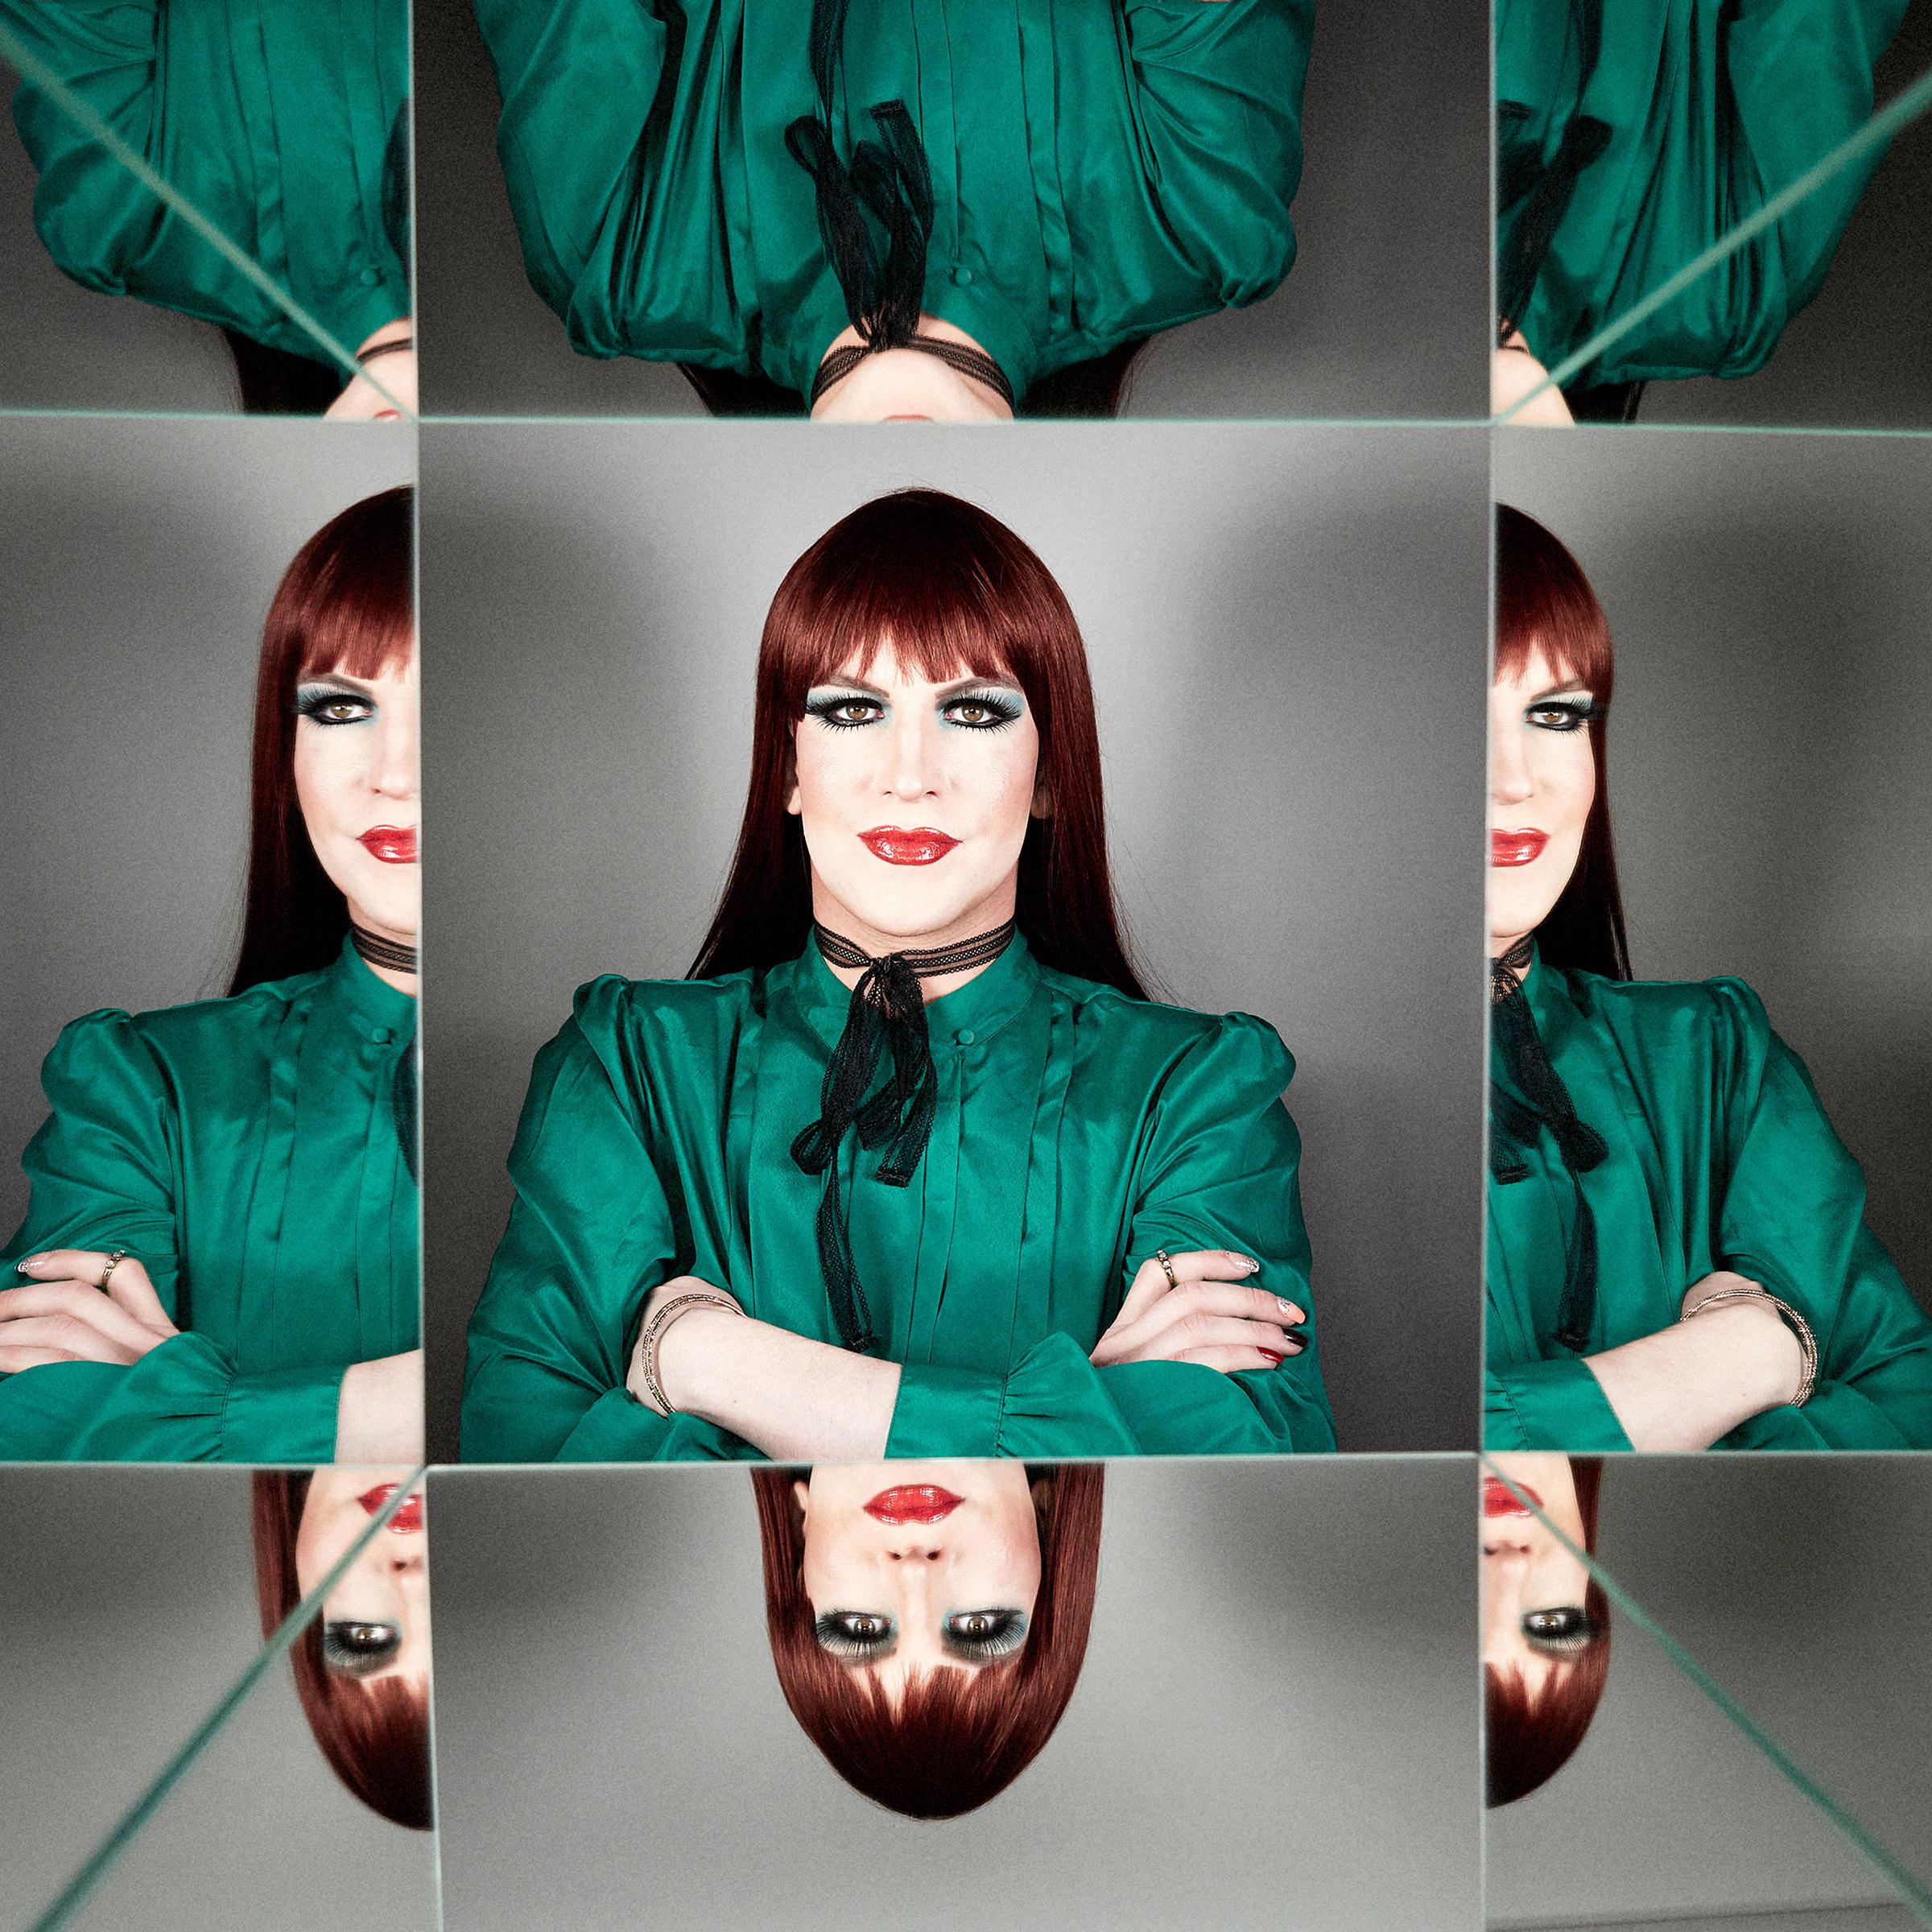 171031_TM_Bullerei_Portraits_M043_1984F.jpg